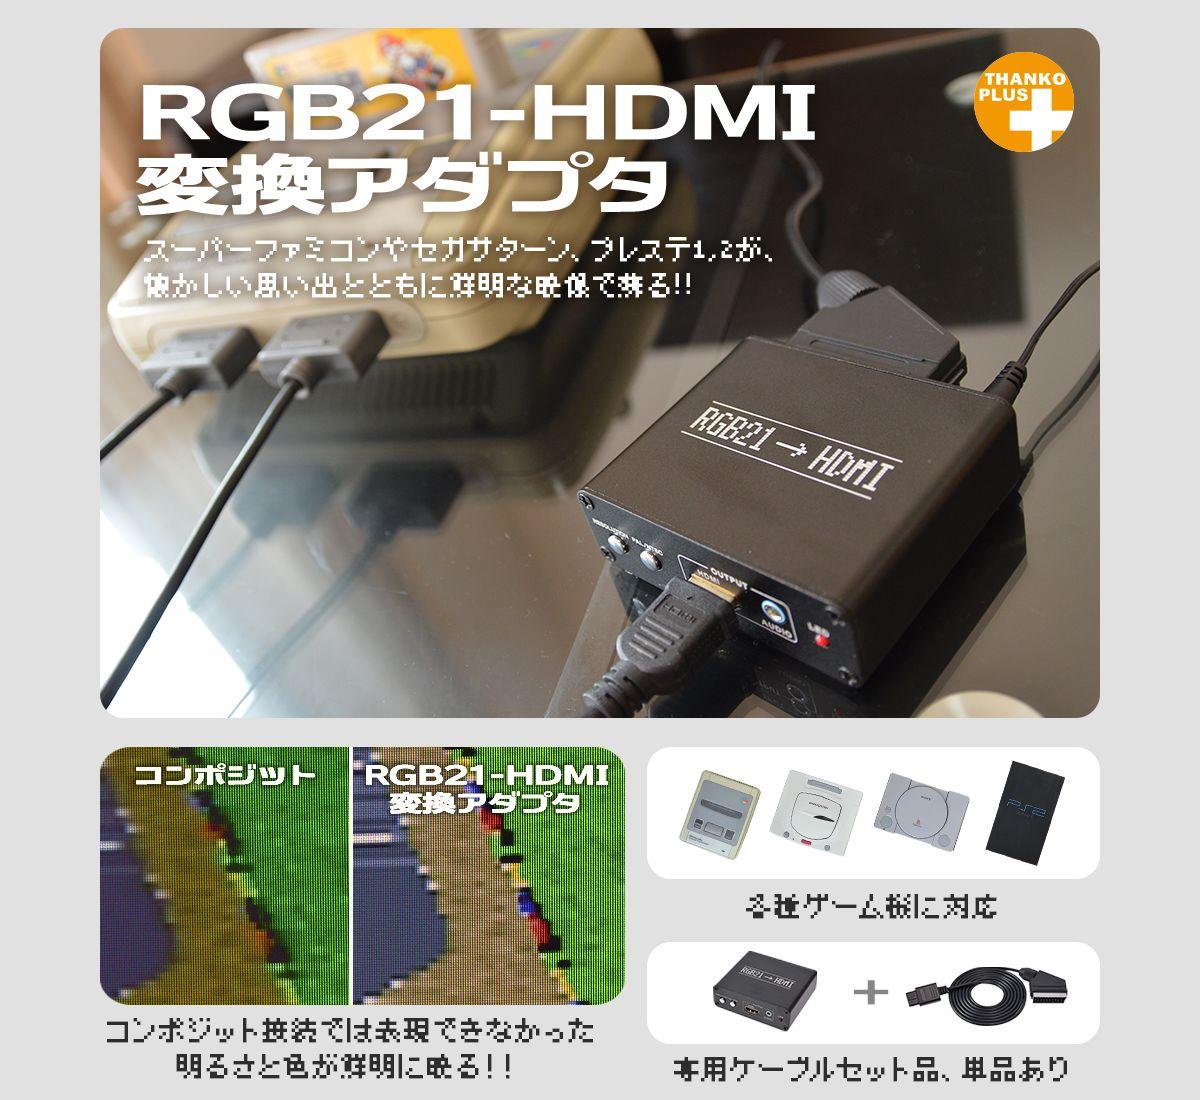 スーパーファミコンやセガサターン、プレステ1,2が、懐かしい思い出とともに綺麗で鮮明な映像で蘇る!!RGB21ケーブルをHDMIケーブルに変換するアダプタです。